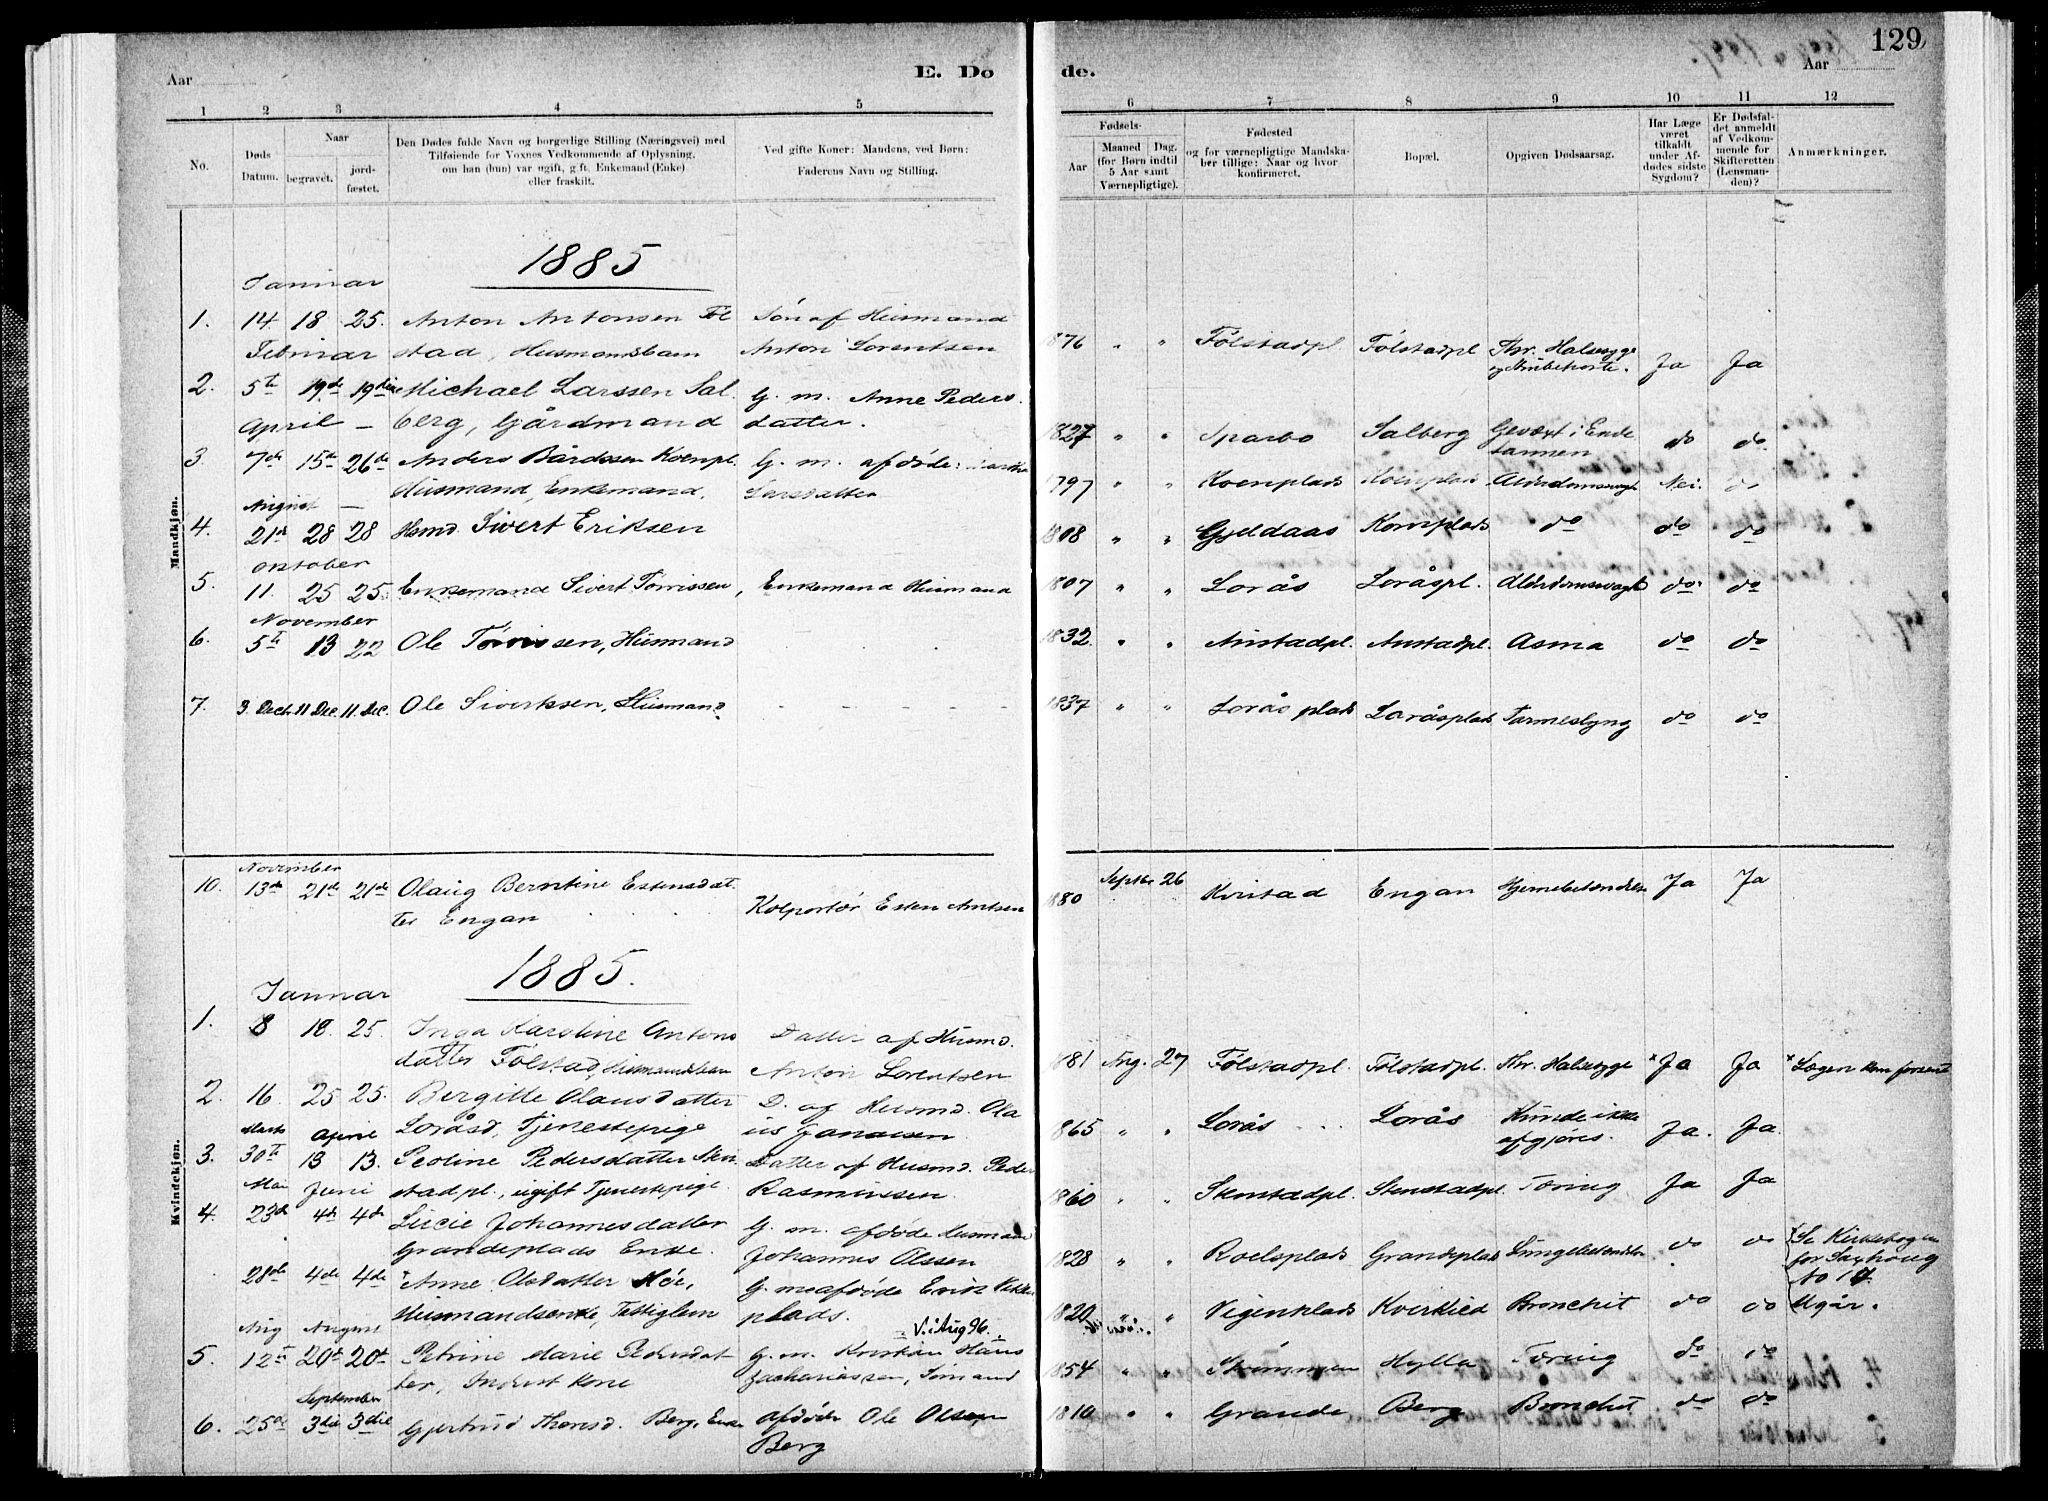 SAT, Ministerialprotokoller, klokkerbøker og fødselsregistre - Nord-Trøndelag, 731/L0309: Ministerialbok nr. 731A01, 1879-1918, s. 129